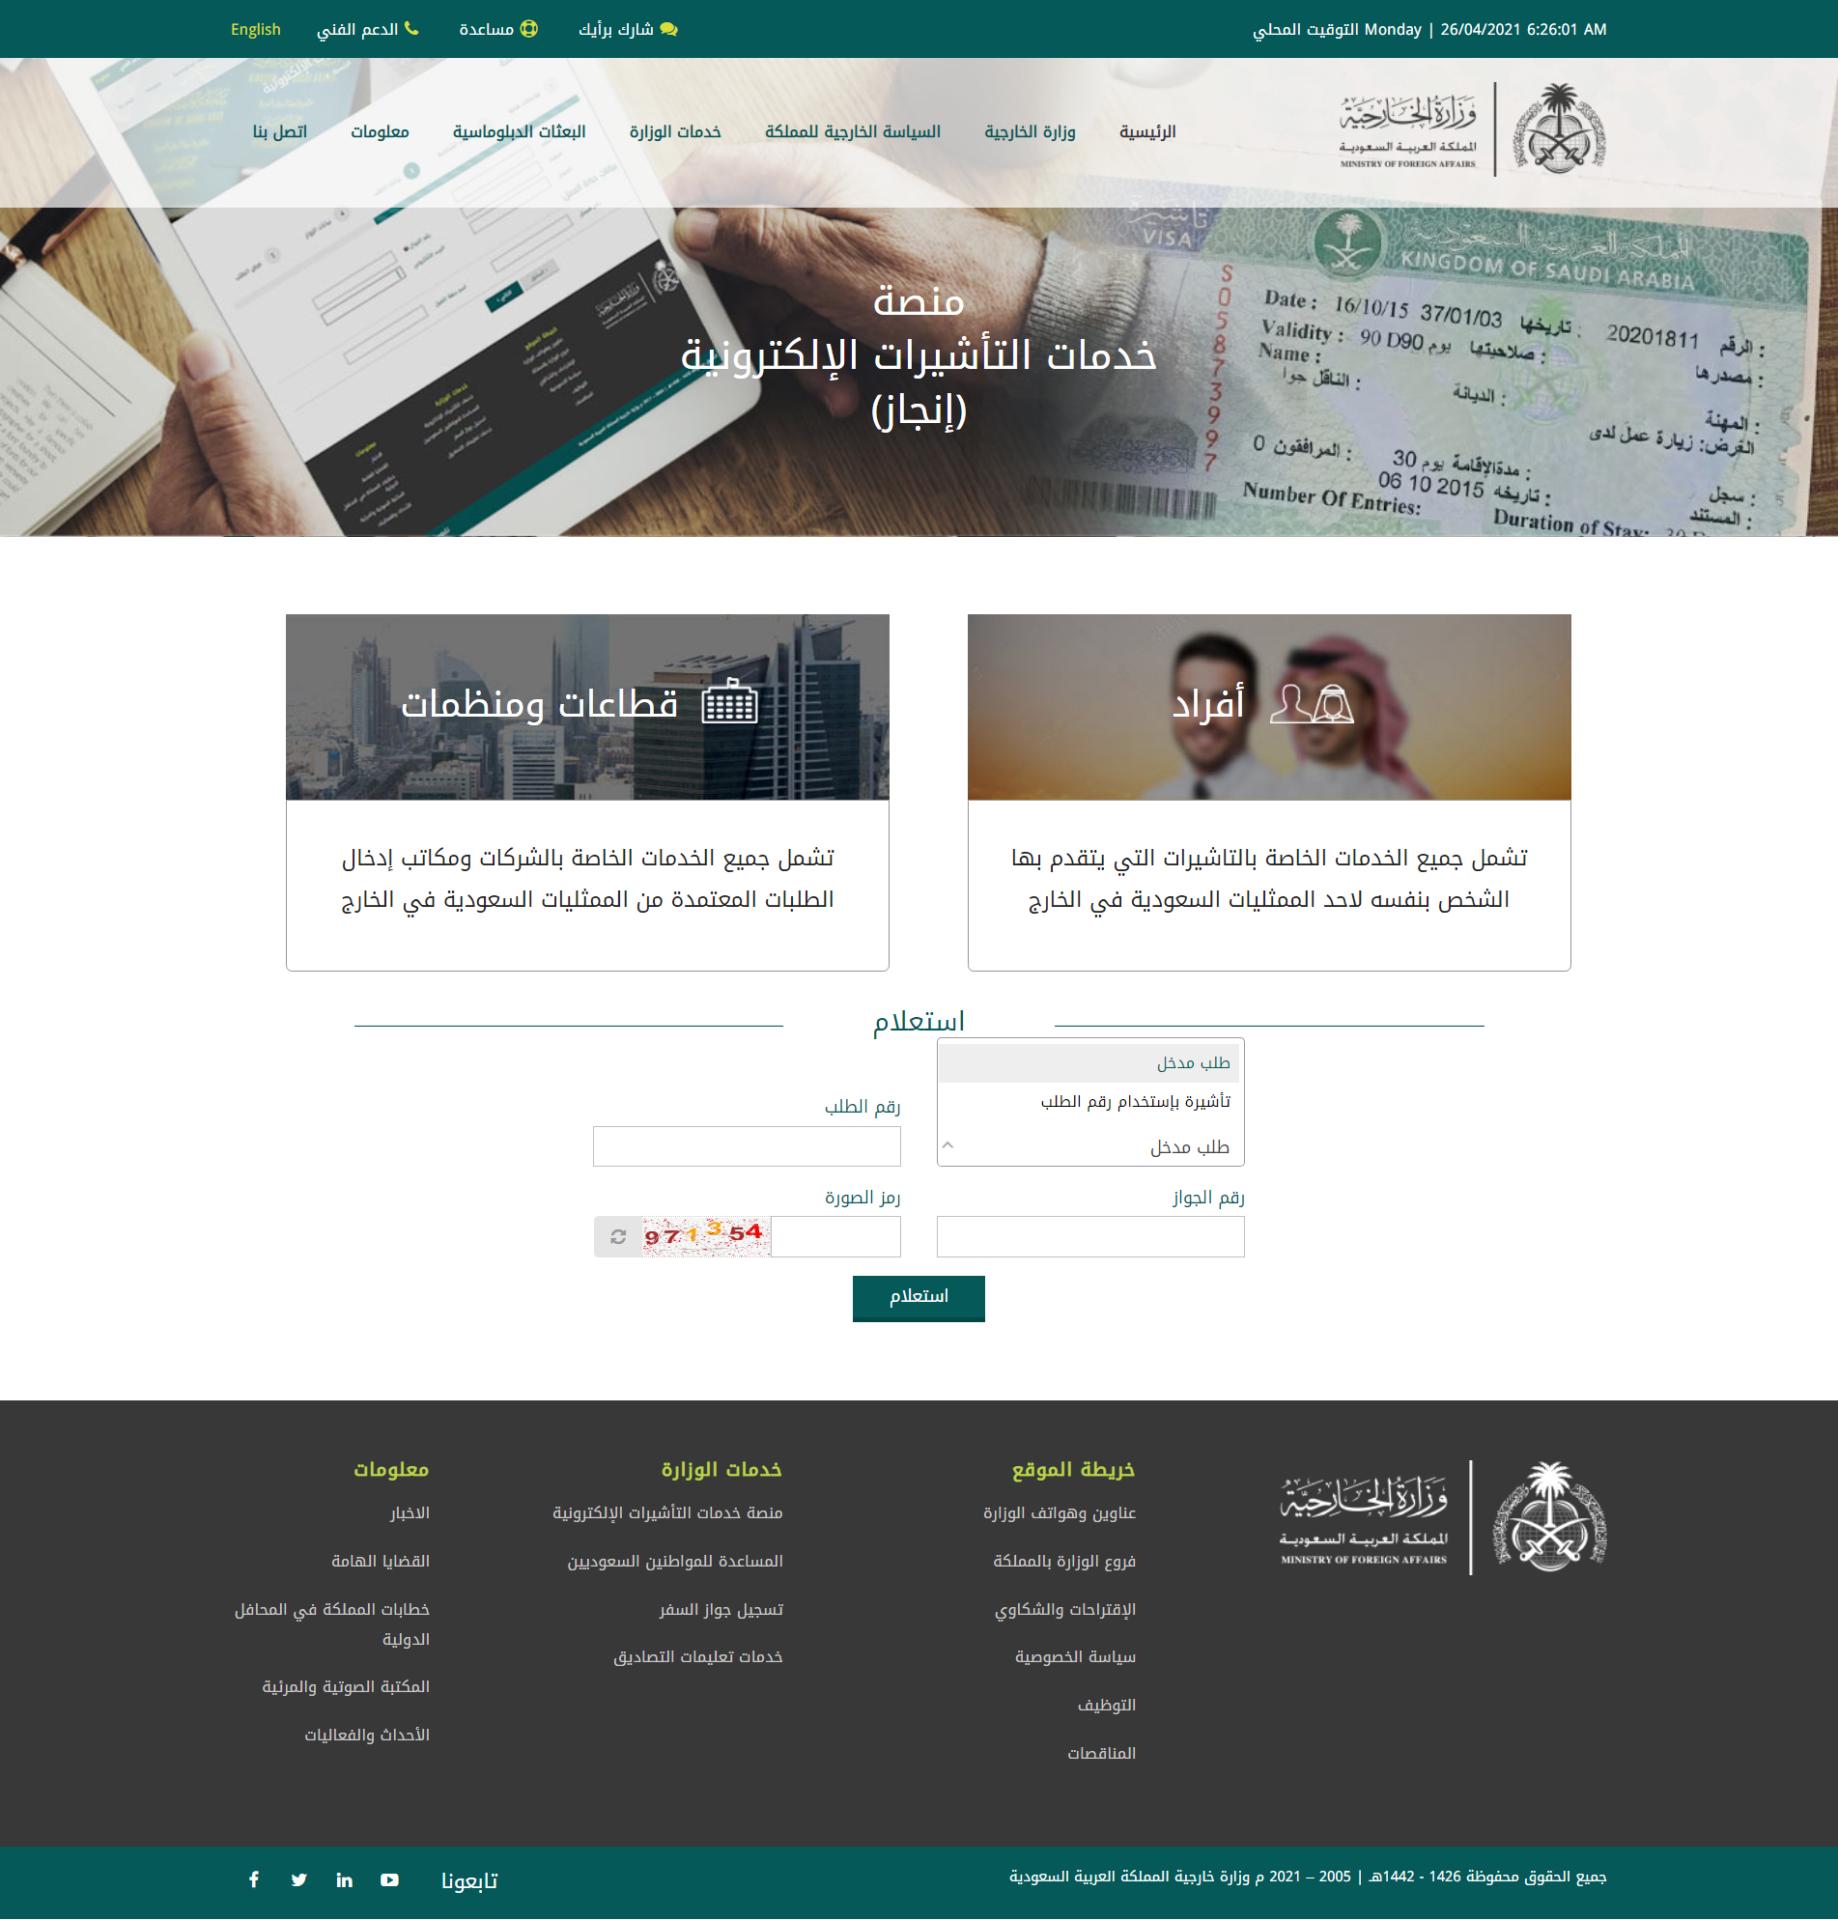 الاستعلام عن صدور تأشيرة من القنصلية السعودية رقم 02